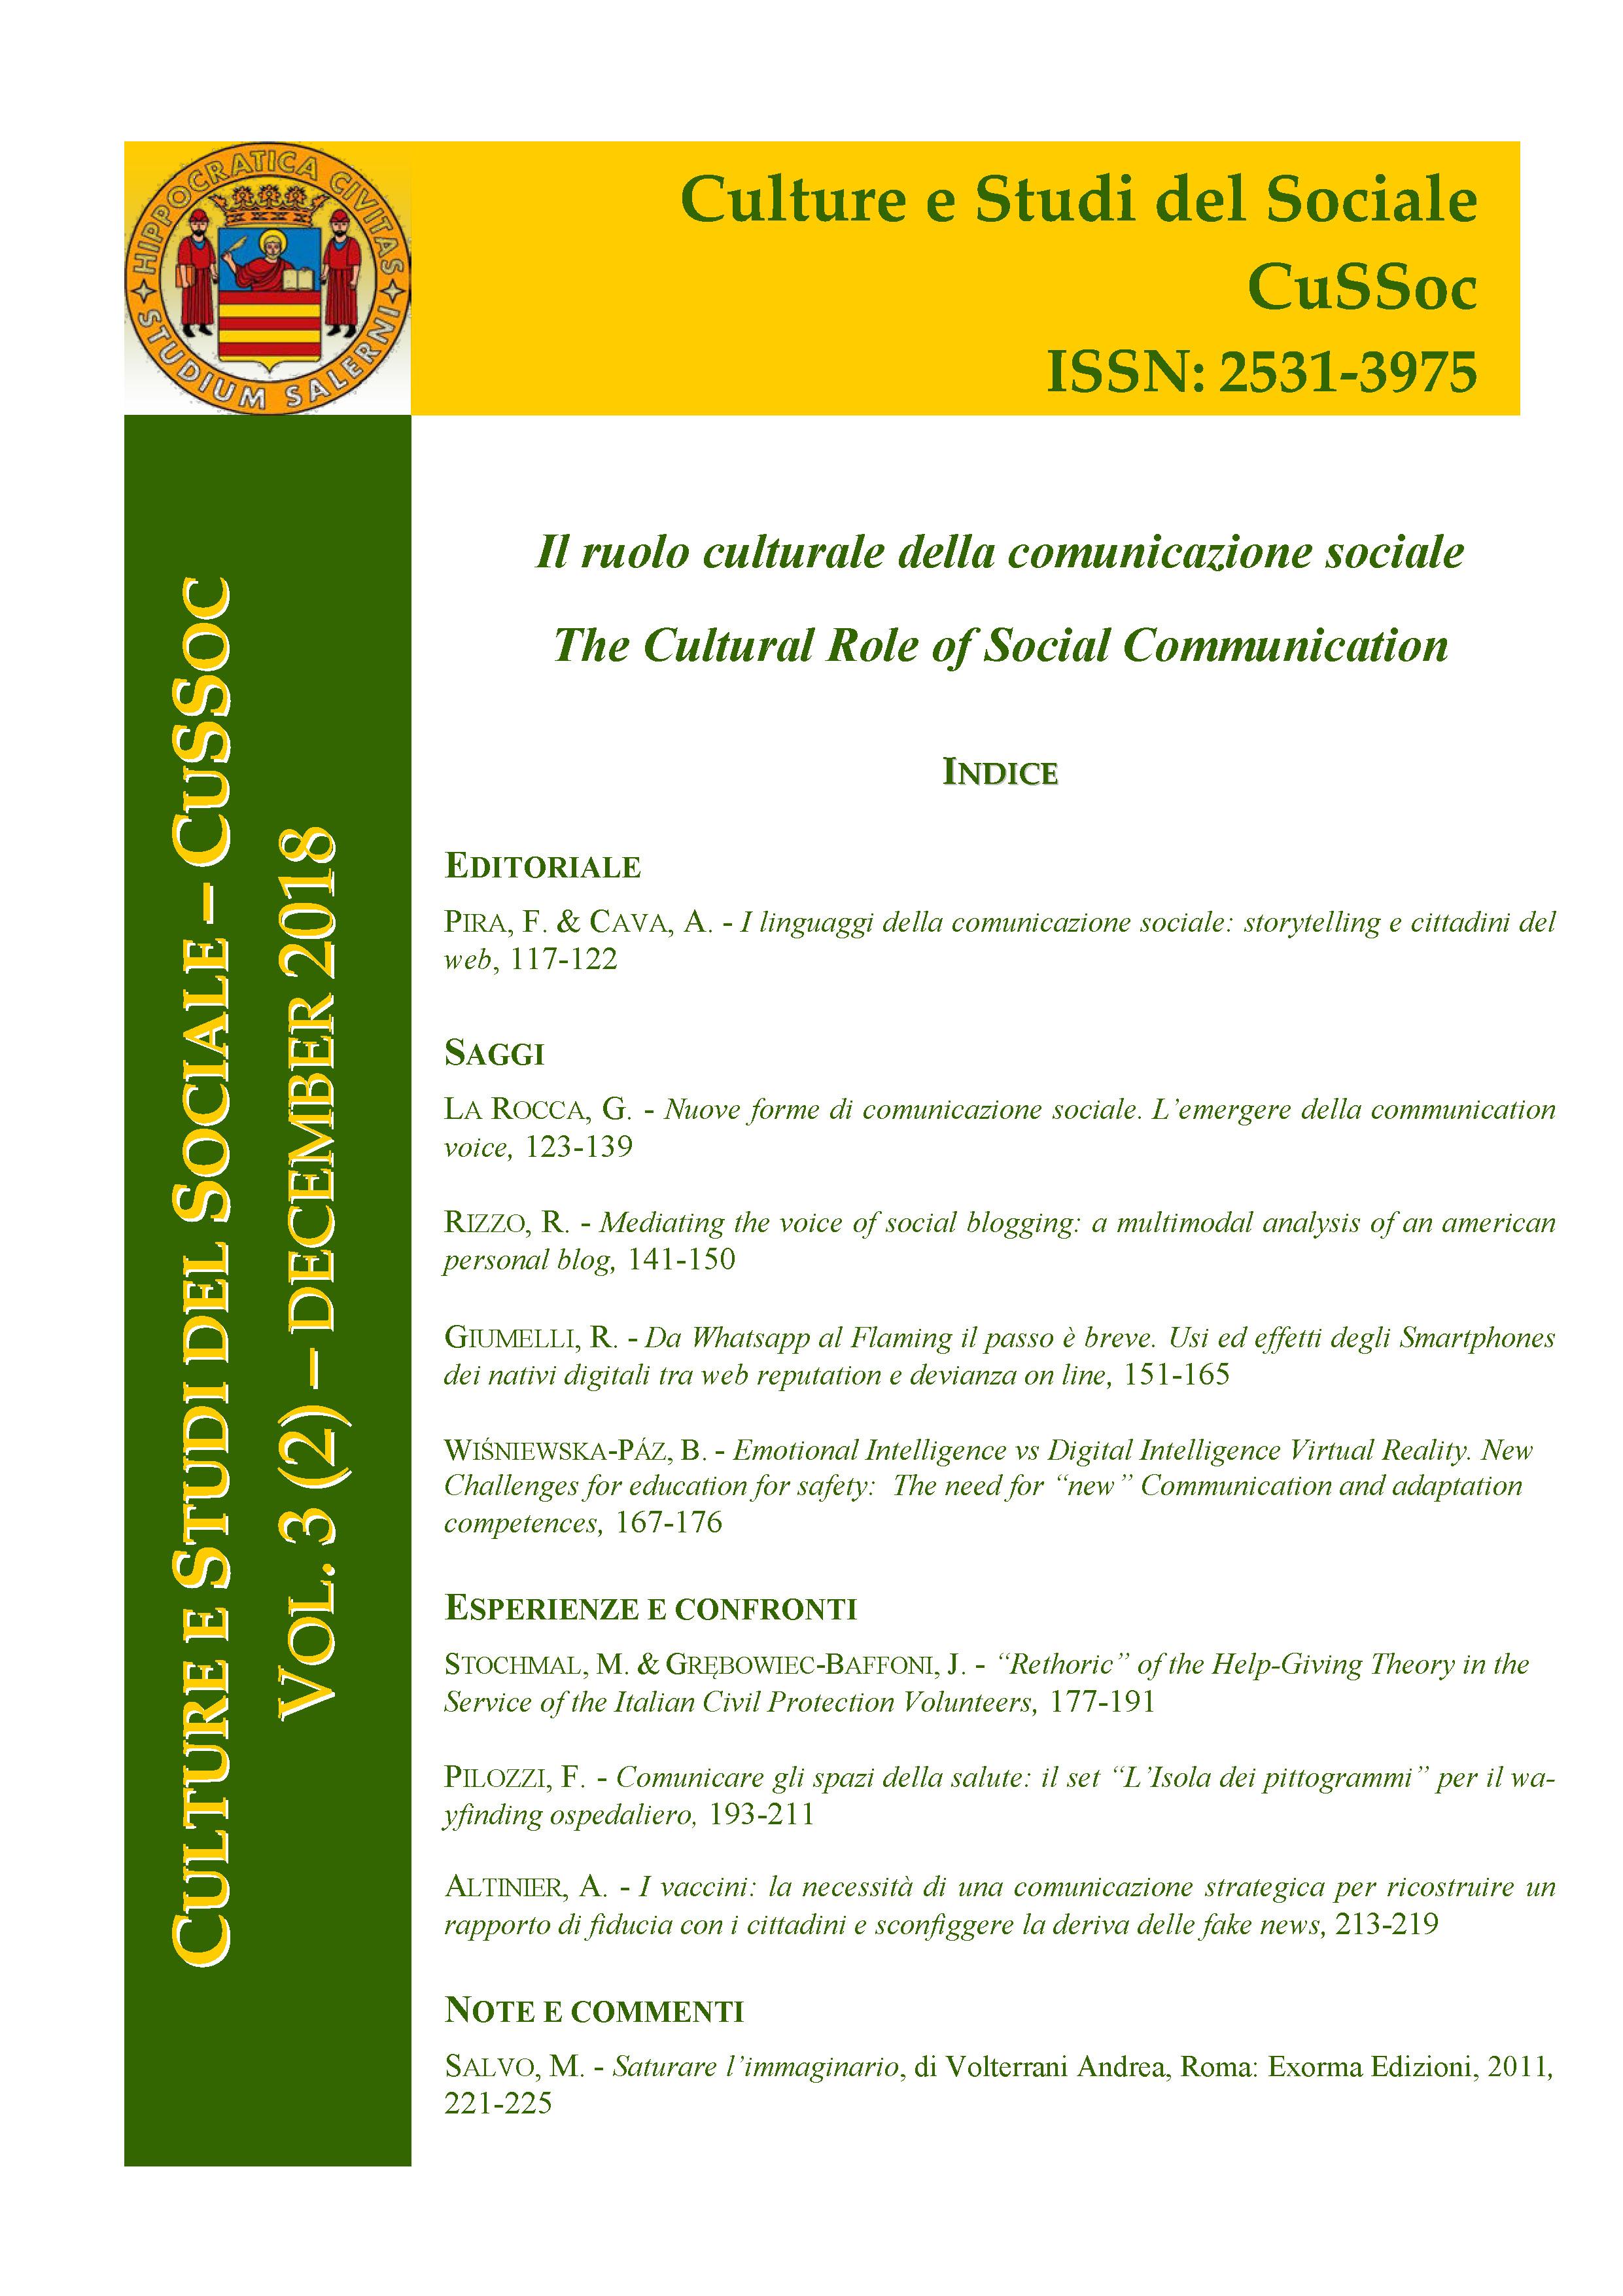 View Vol. 3 No. 2 (2018): Il ruolo culturale della comunicazione sociale / The Cultural Role of Social Communication